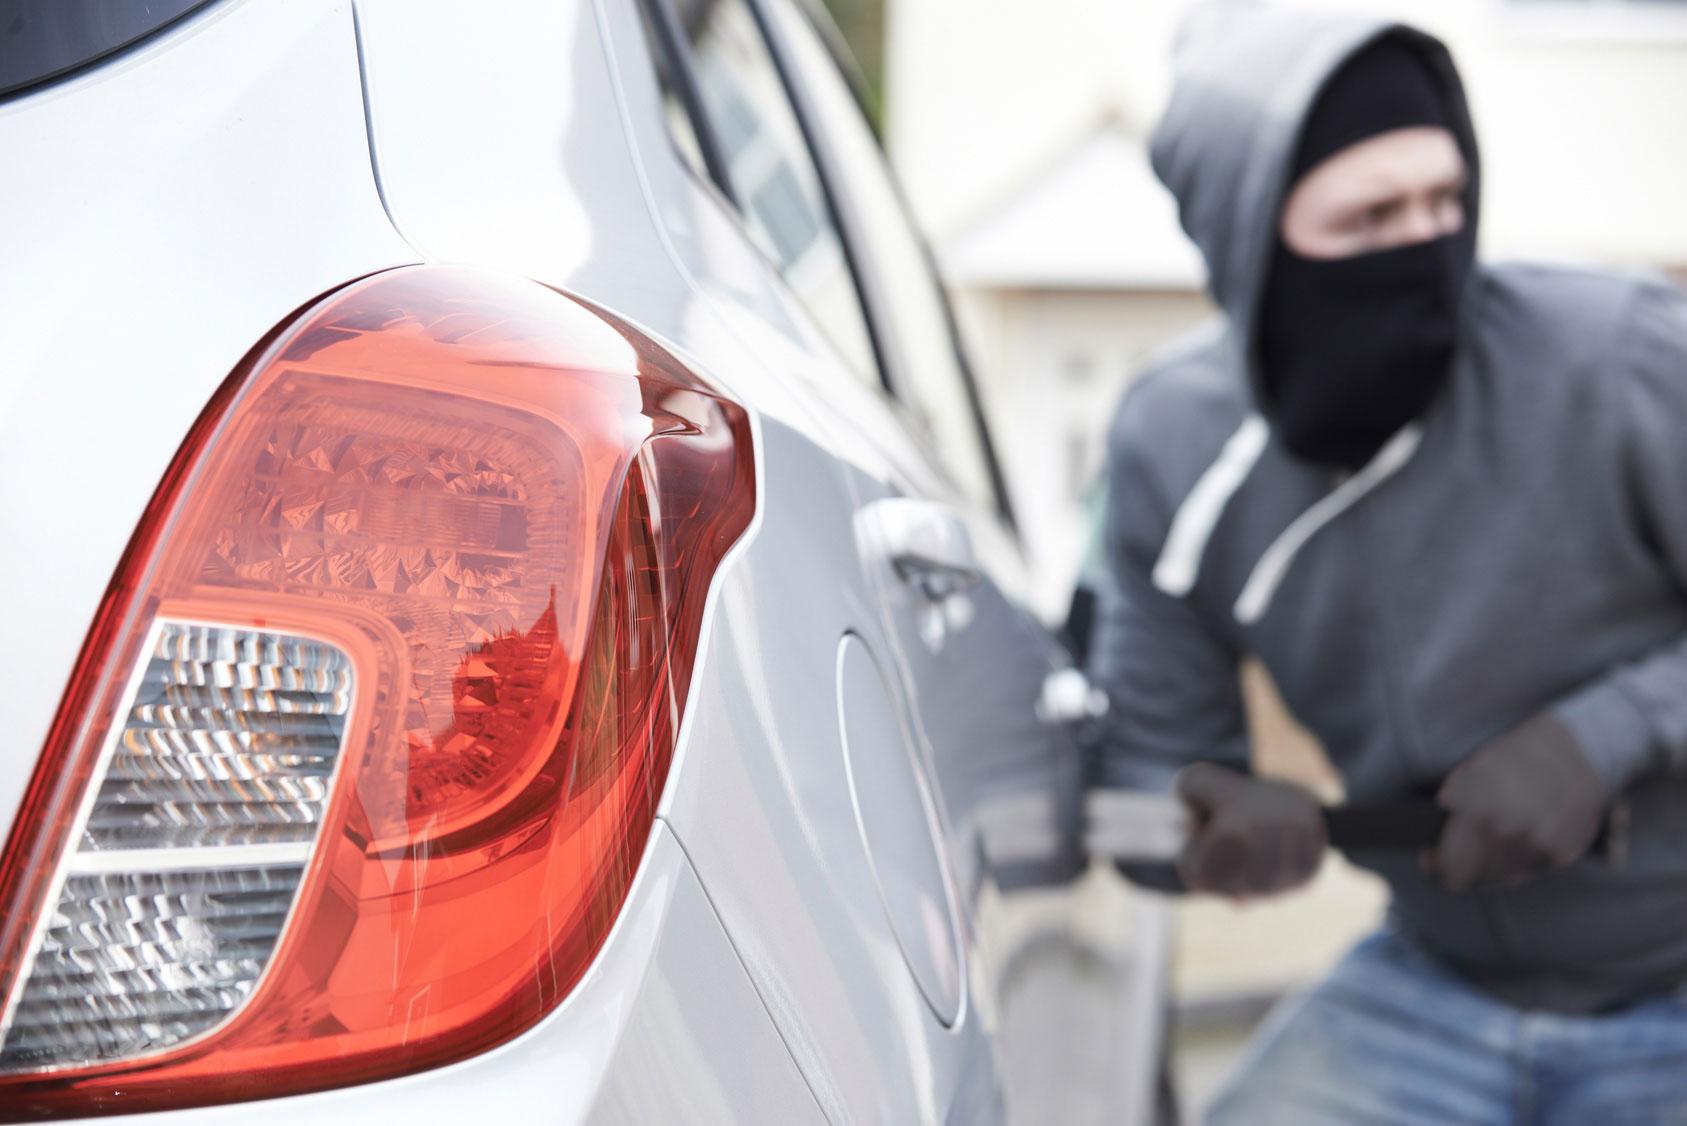 Специалисты назвали ТОП-5 ошибок водителей, которые «дарят» угонщикам машины